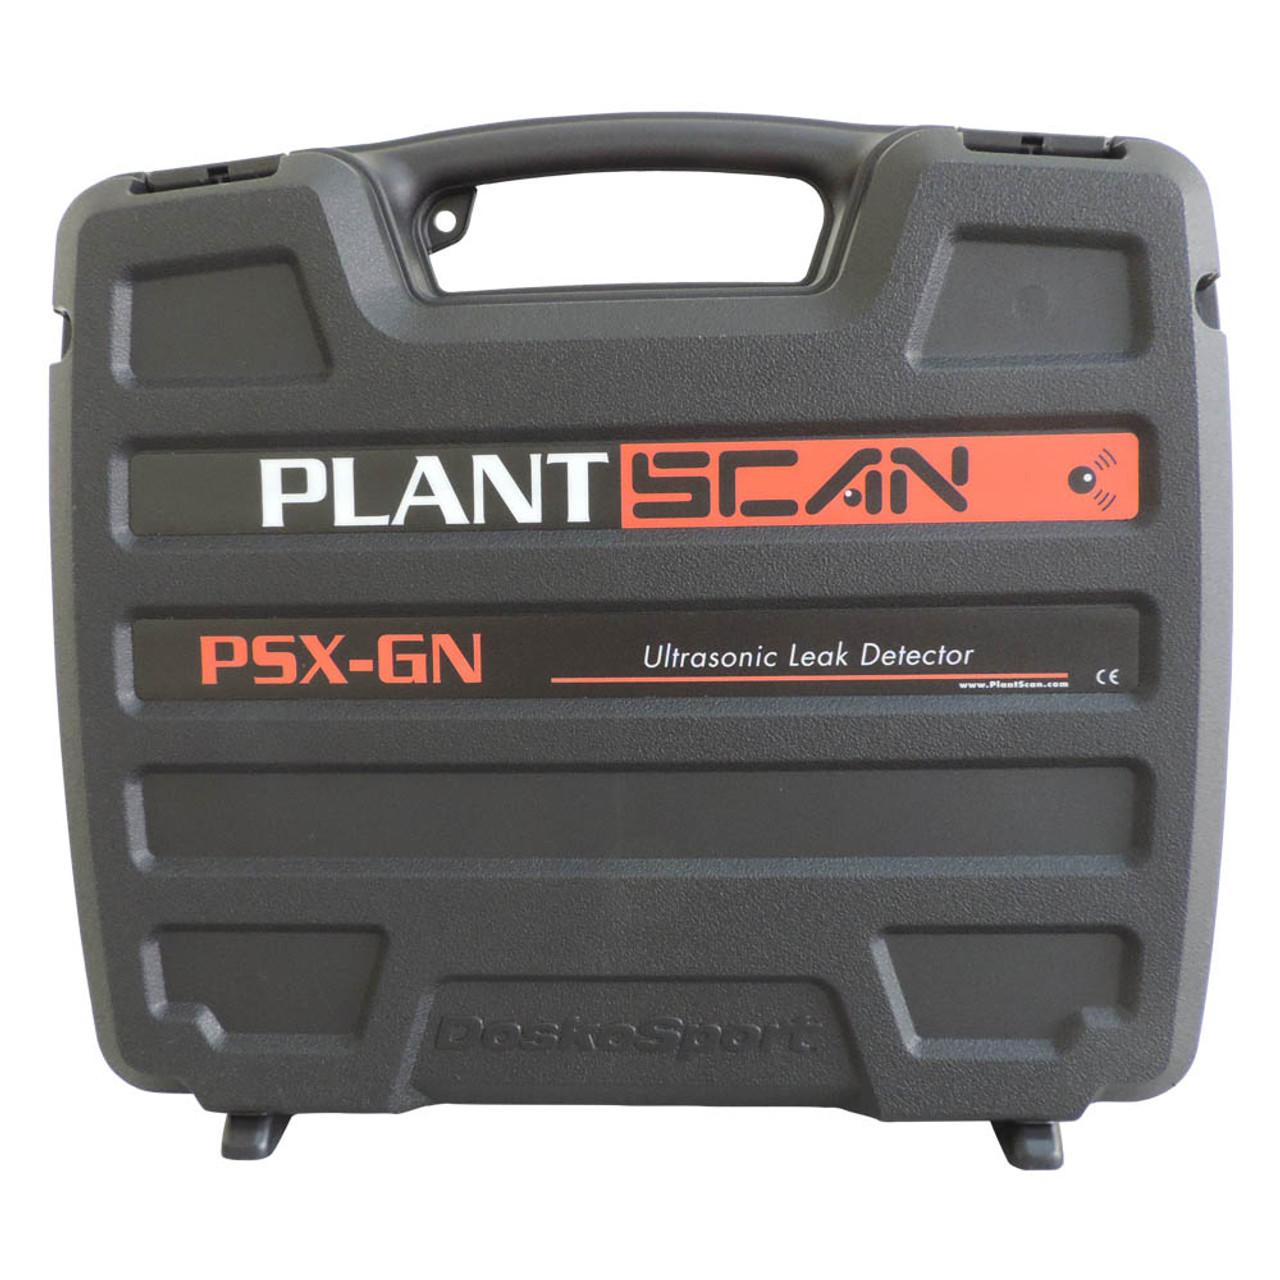 PSX-GN Ultrasonic Leak Detector - Case